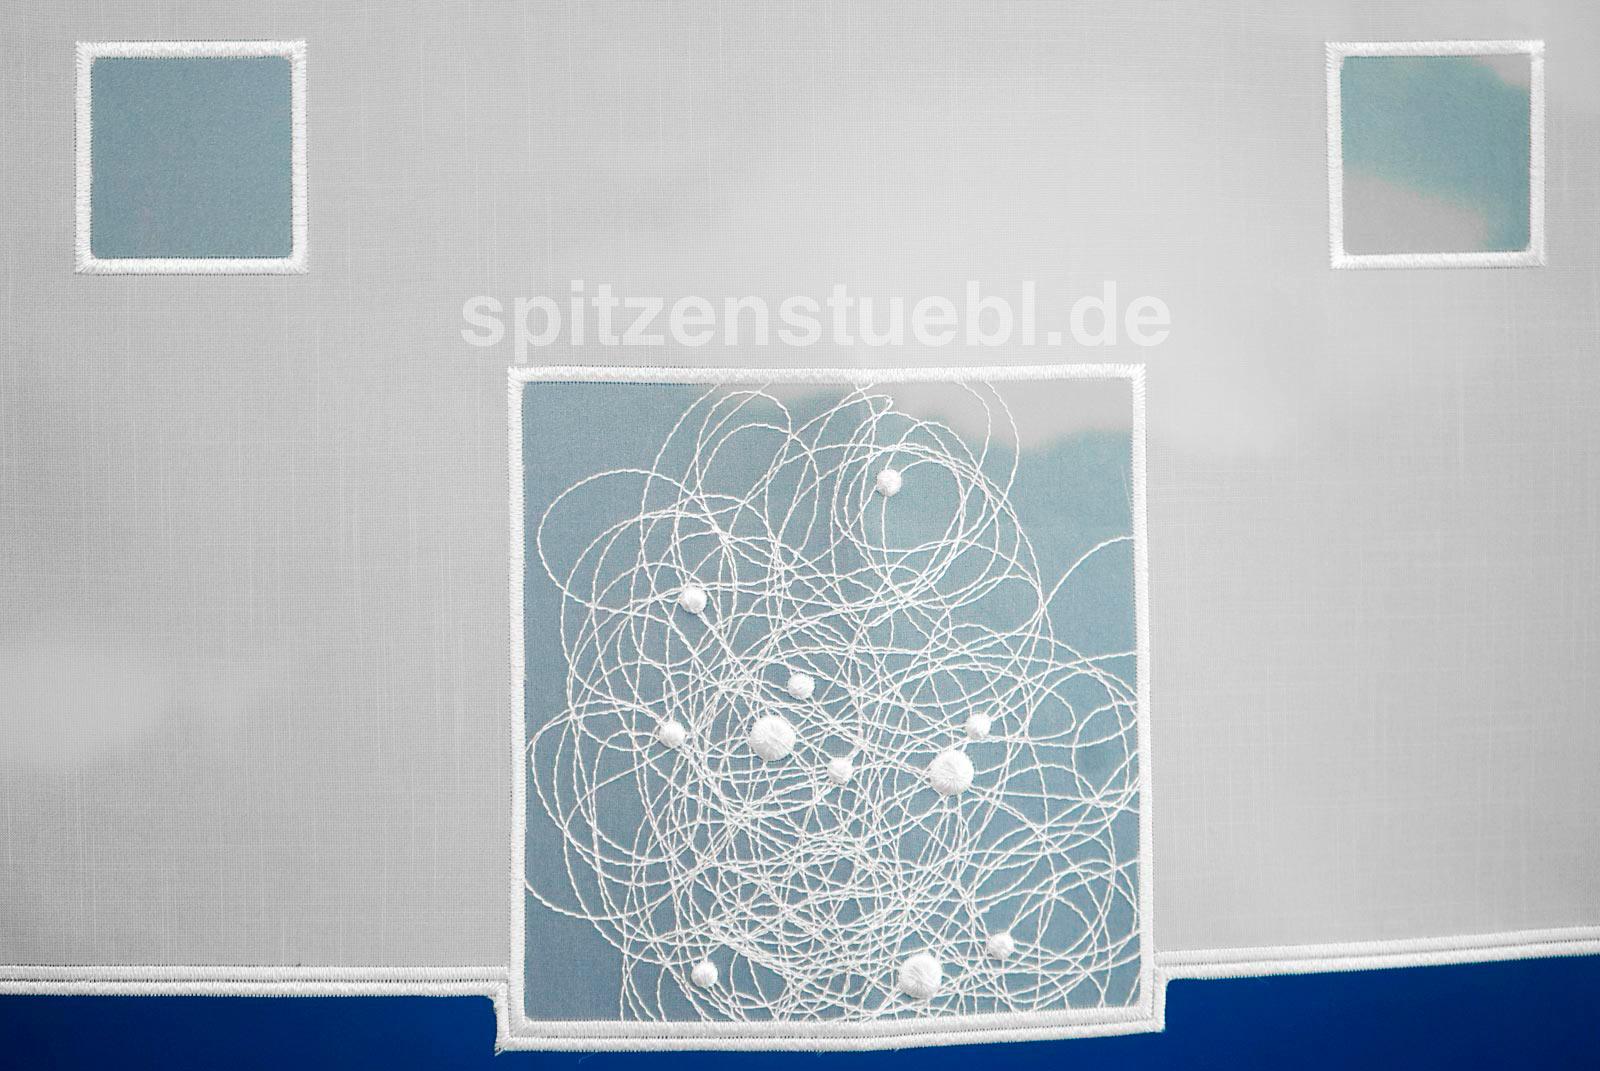 Full Size of Scheibengardine Modern Moderne Kurzgardinen Schneeballspitze Plauener Spitze Scheibengardinen Deckenlampen Wohnzimmer Modernes Sofa Bett Design 180x200 Wohnzimmer Scheibengardine Modern